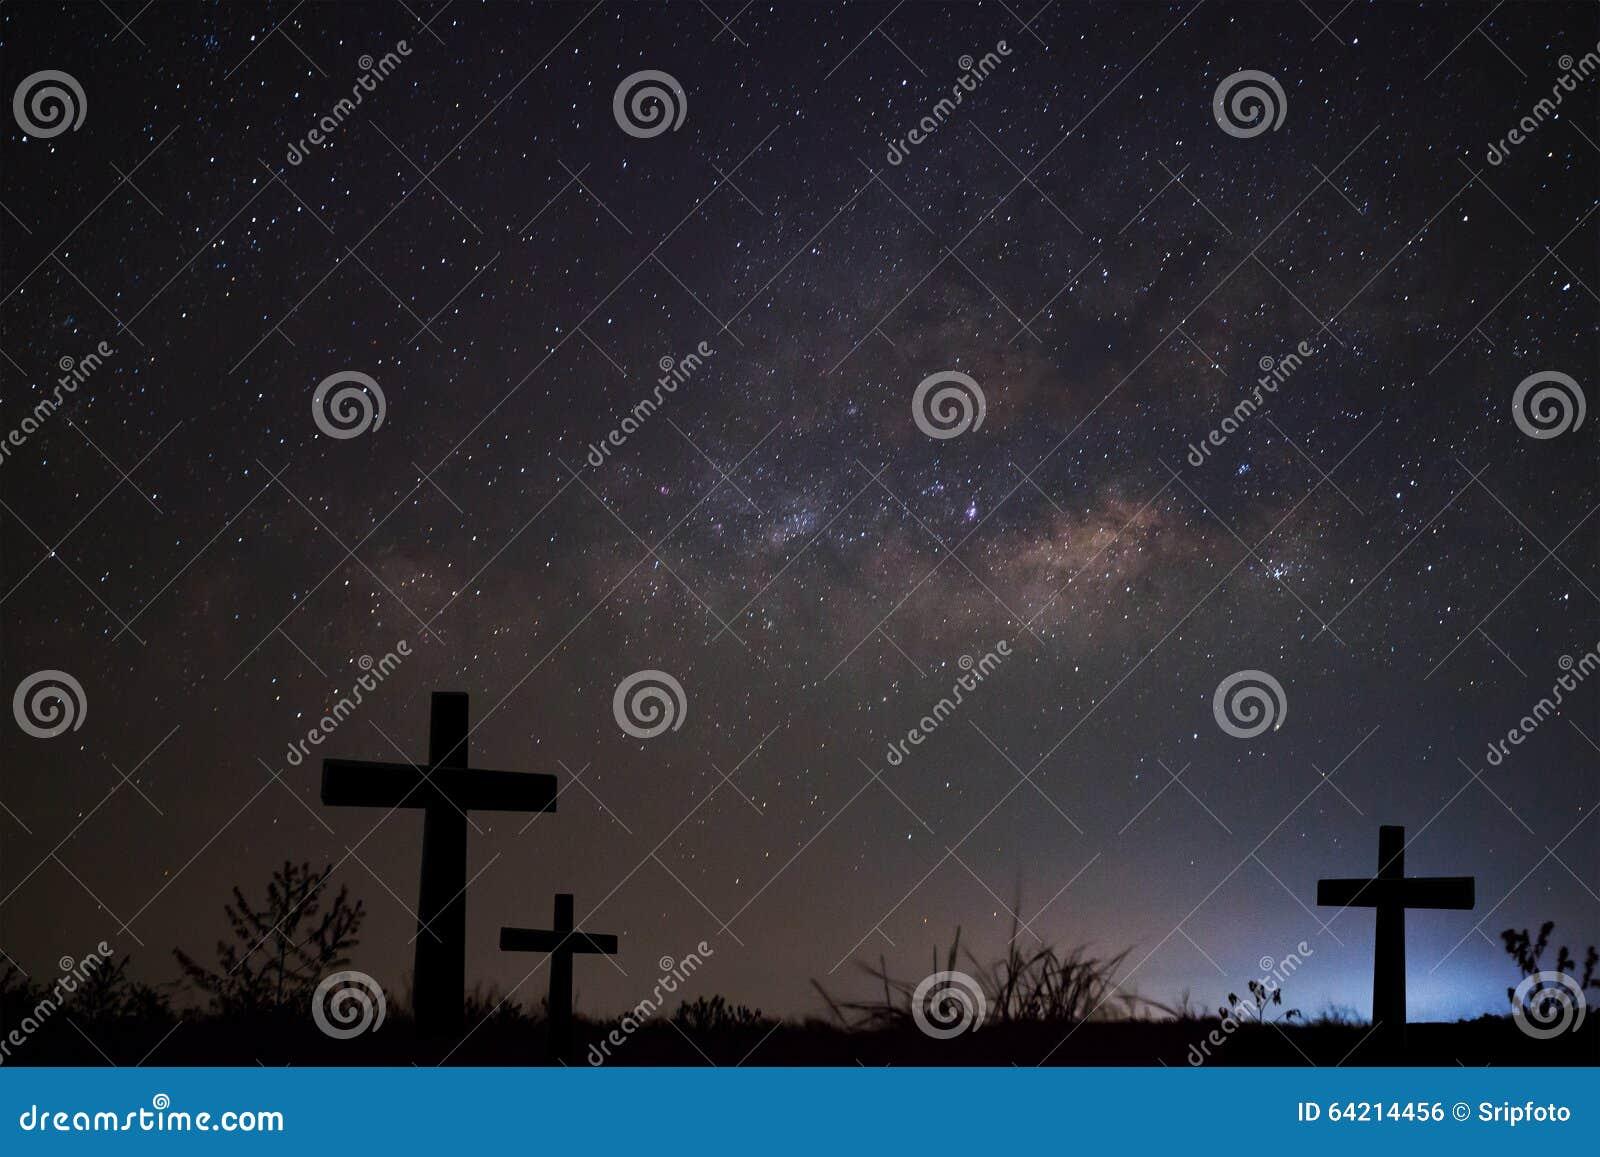 Schattenbild von kreuzen vorbei Milchstraßehintergrund, langes Belichtung phot